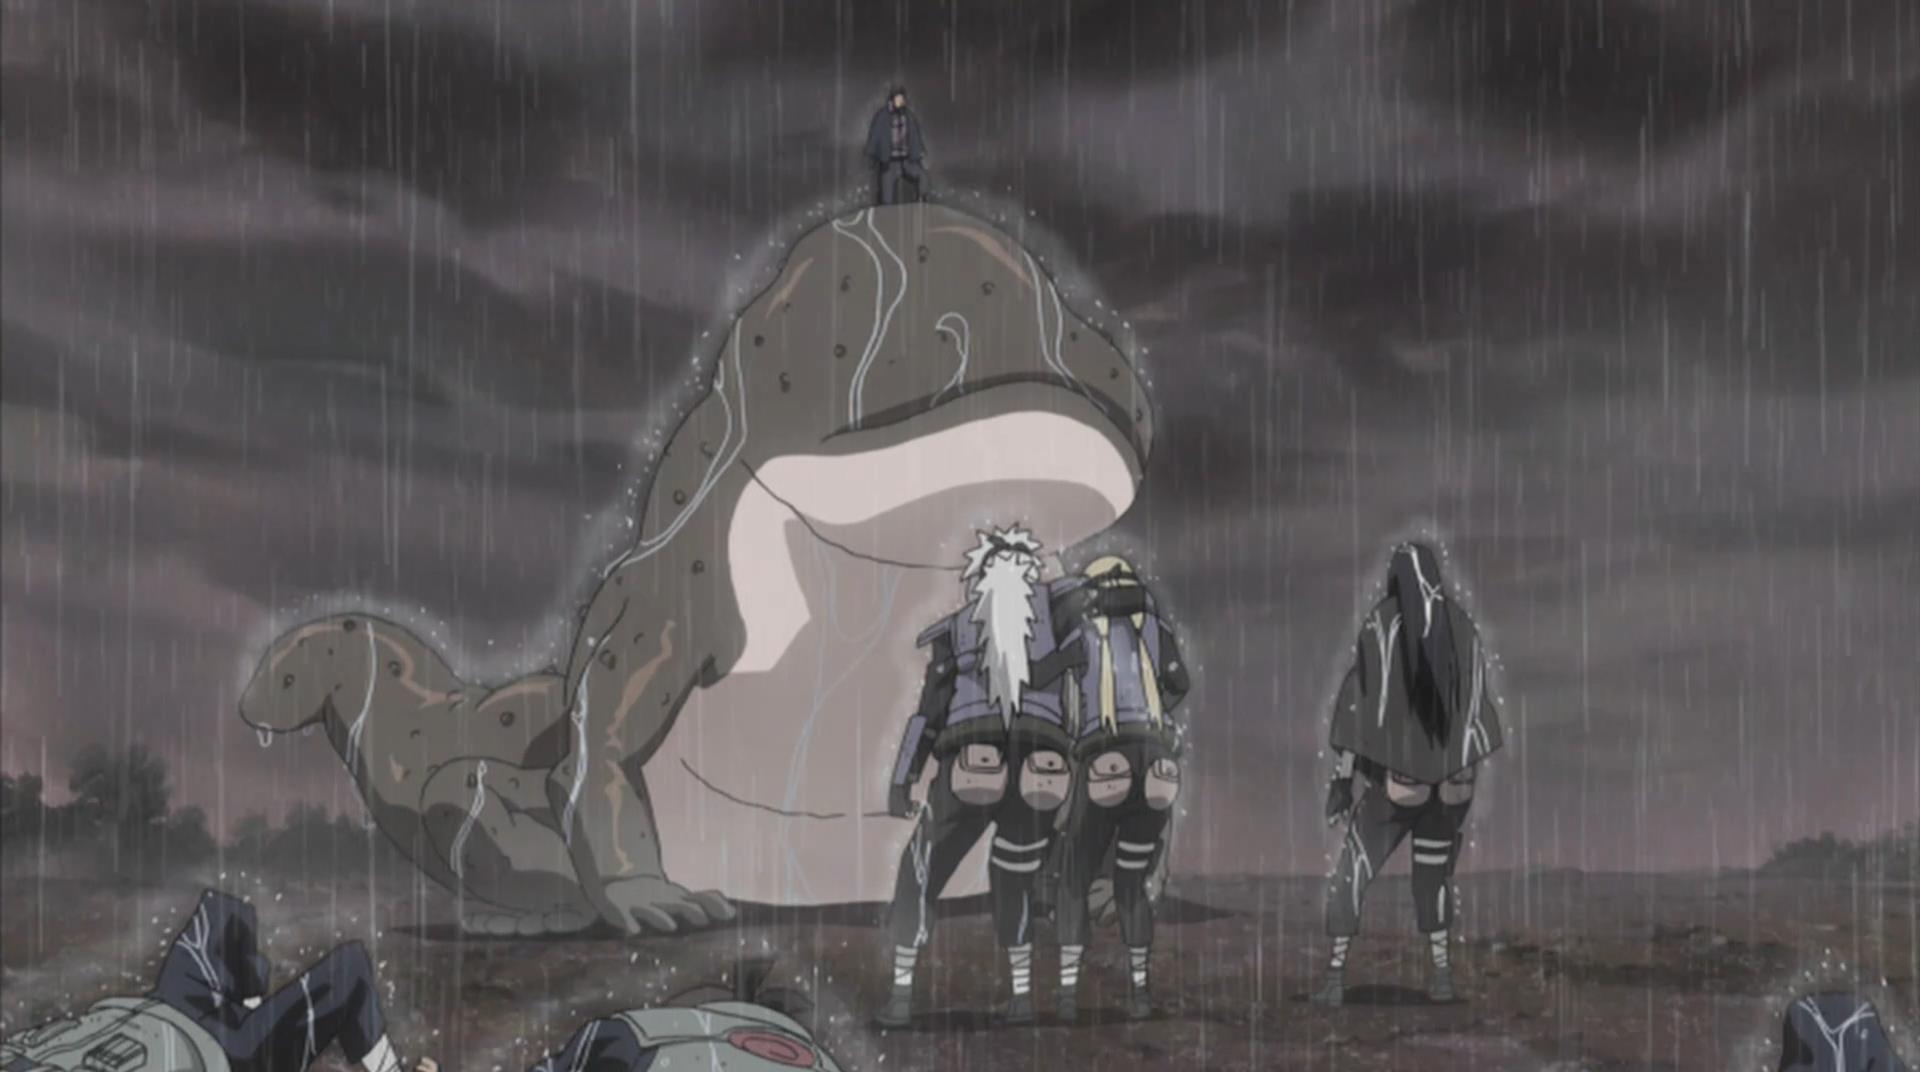 5 Pertempuran Hebat yang Tak Ditampilkan di Anime Naruto 4